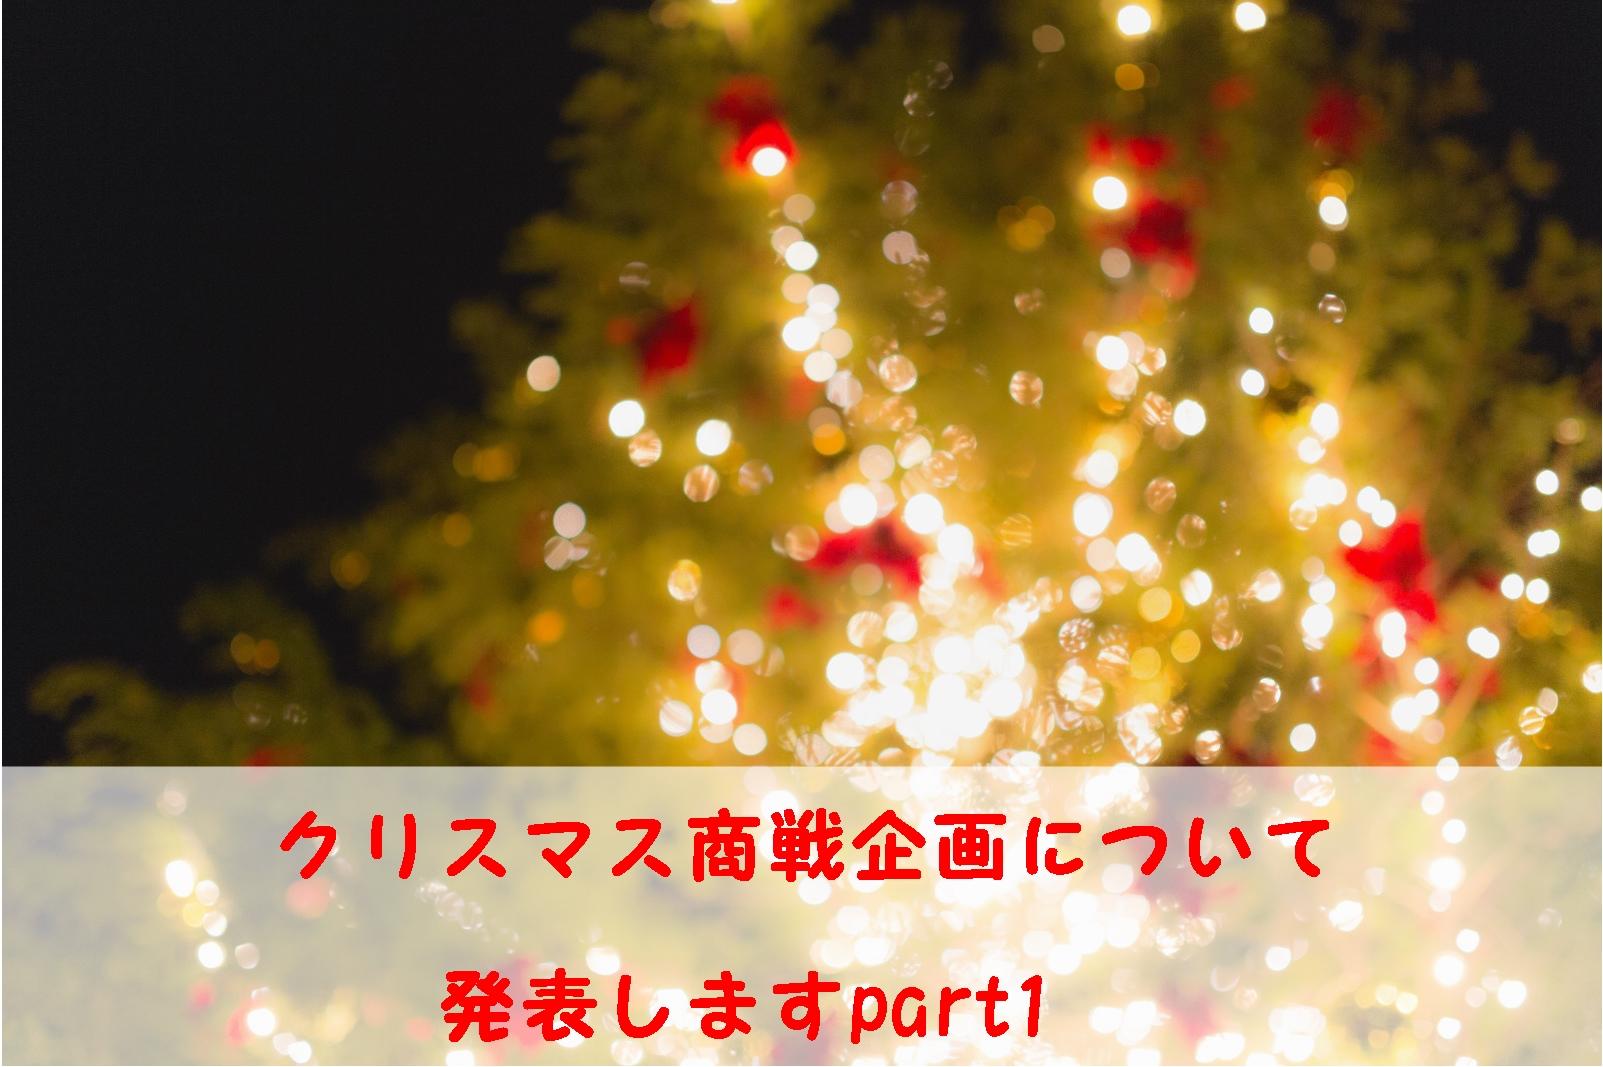 【せどり・転売】クリスマス商戦企画2016について発表しますpart1